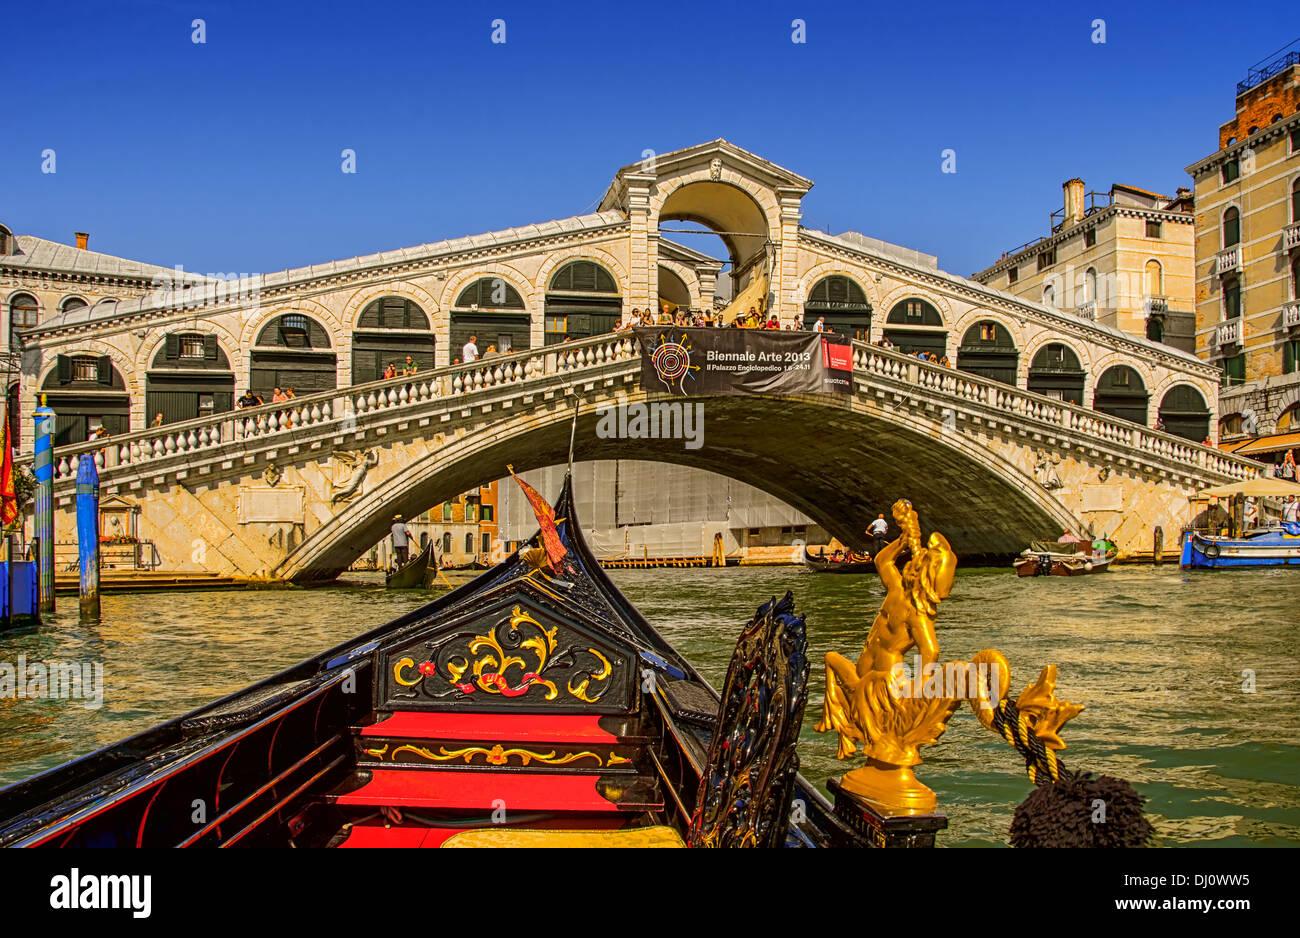 Los pasajeros de góndola vista del Puente de Rialto en el Gran Canal de Venecia, Italia. Imagen De Stock